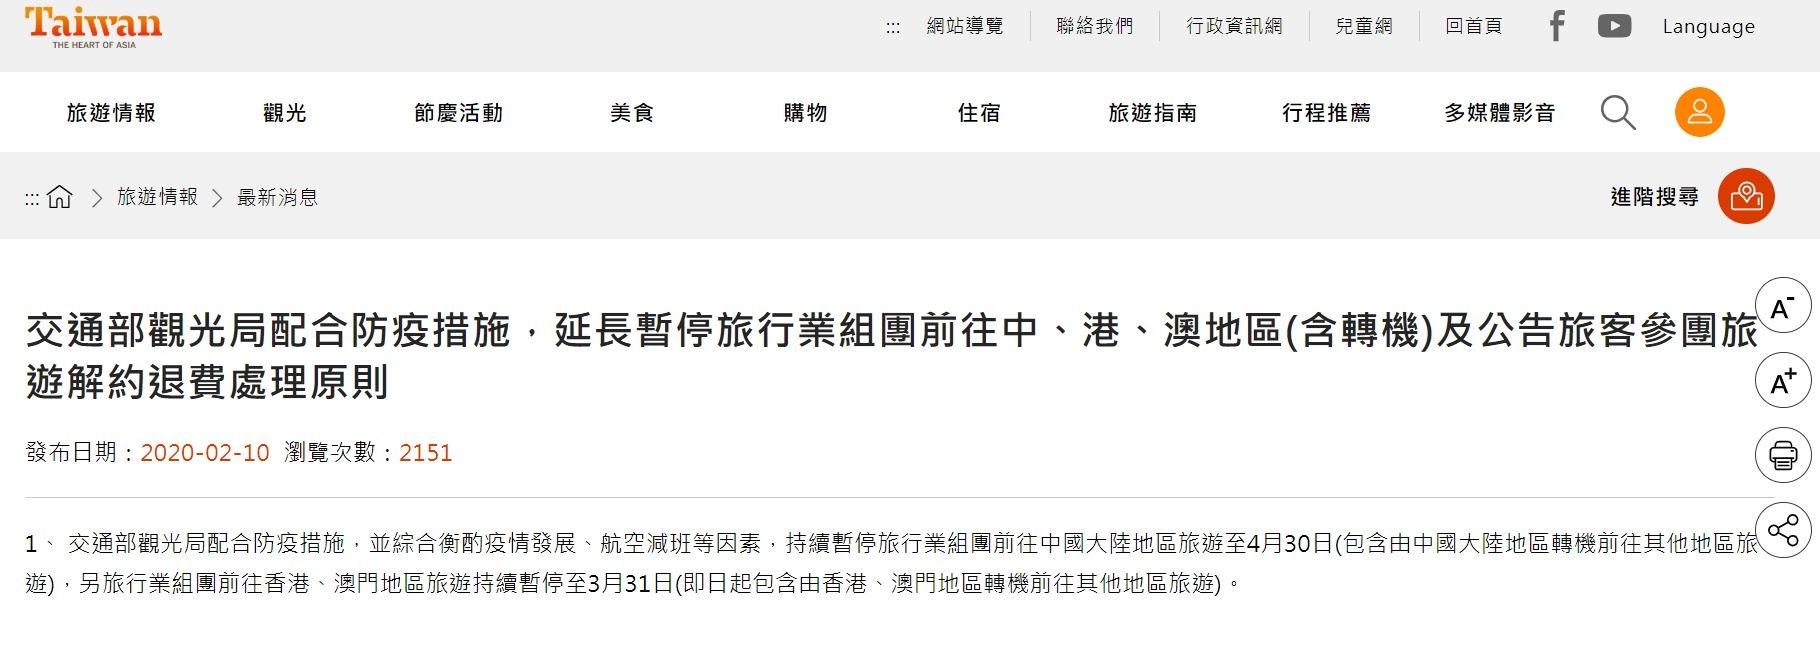 台湾:暂停出团大陆至4月底,连转机都不行